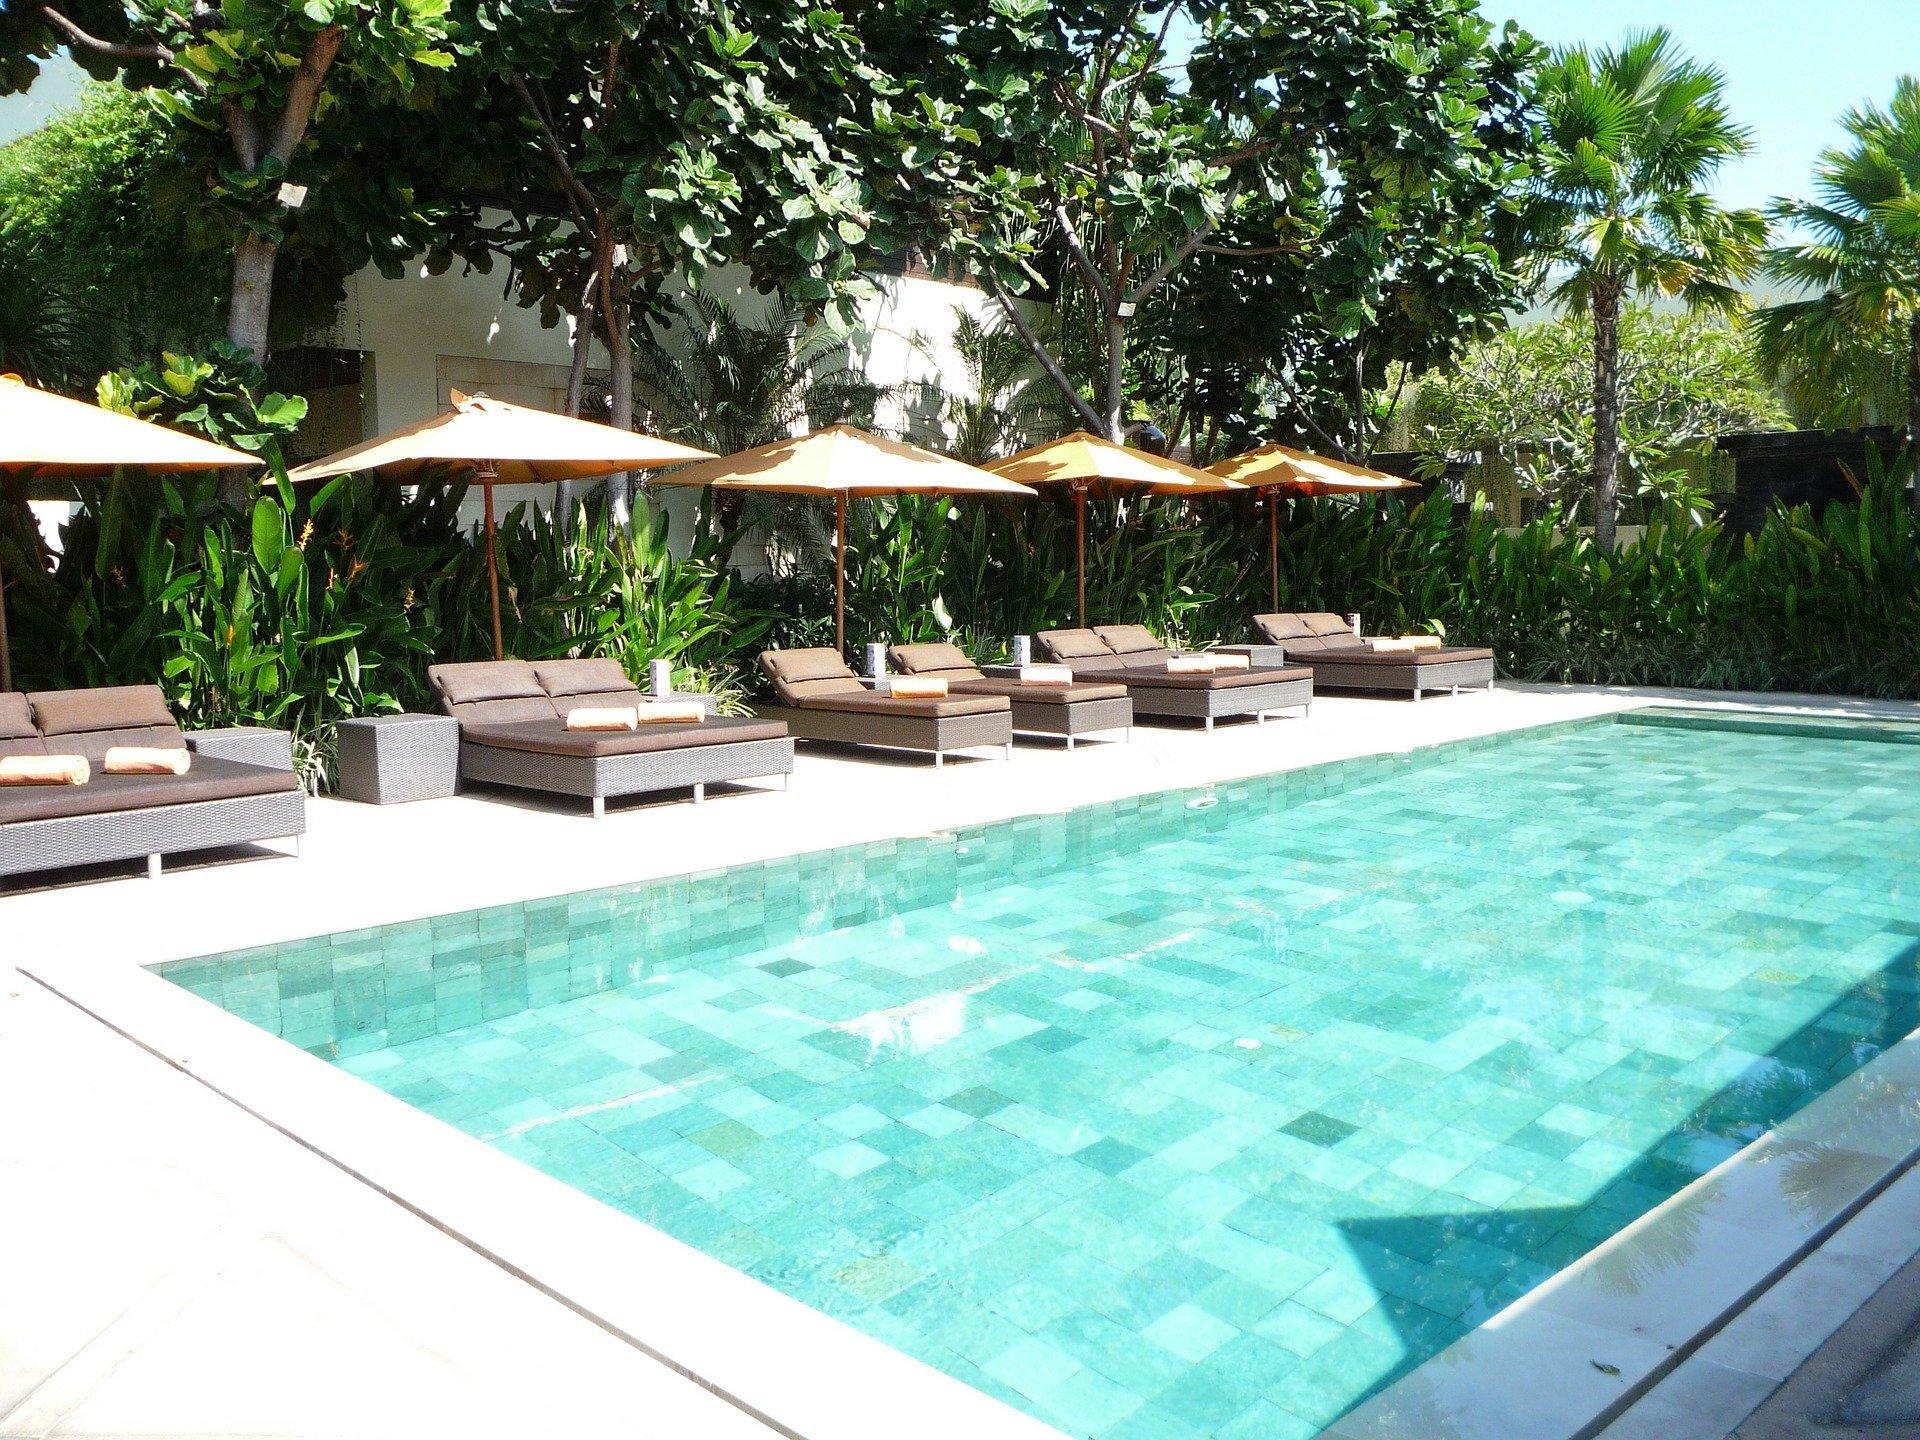 Hotel Bali : Guide de réservation